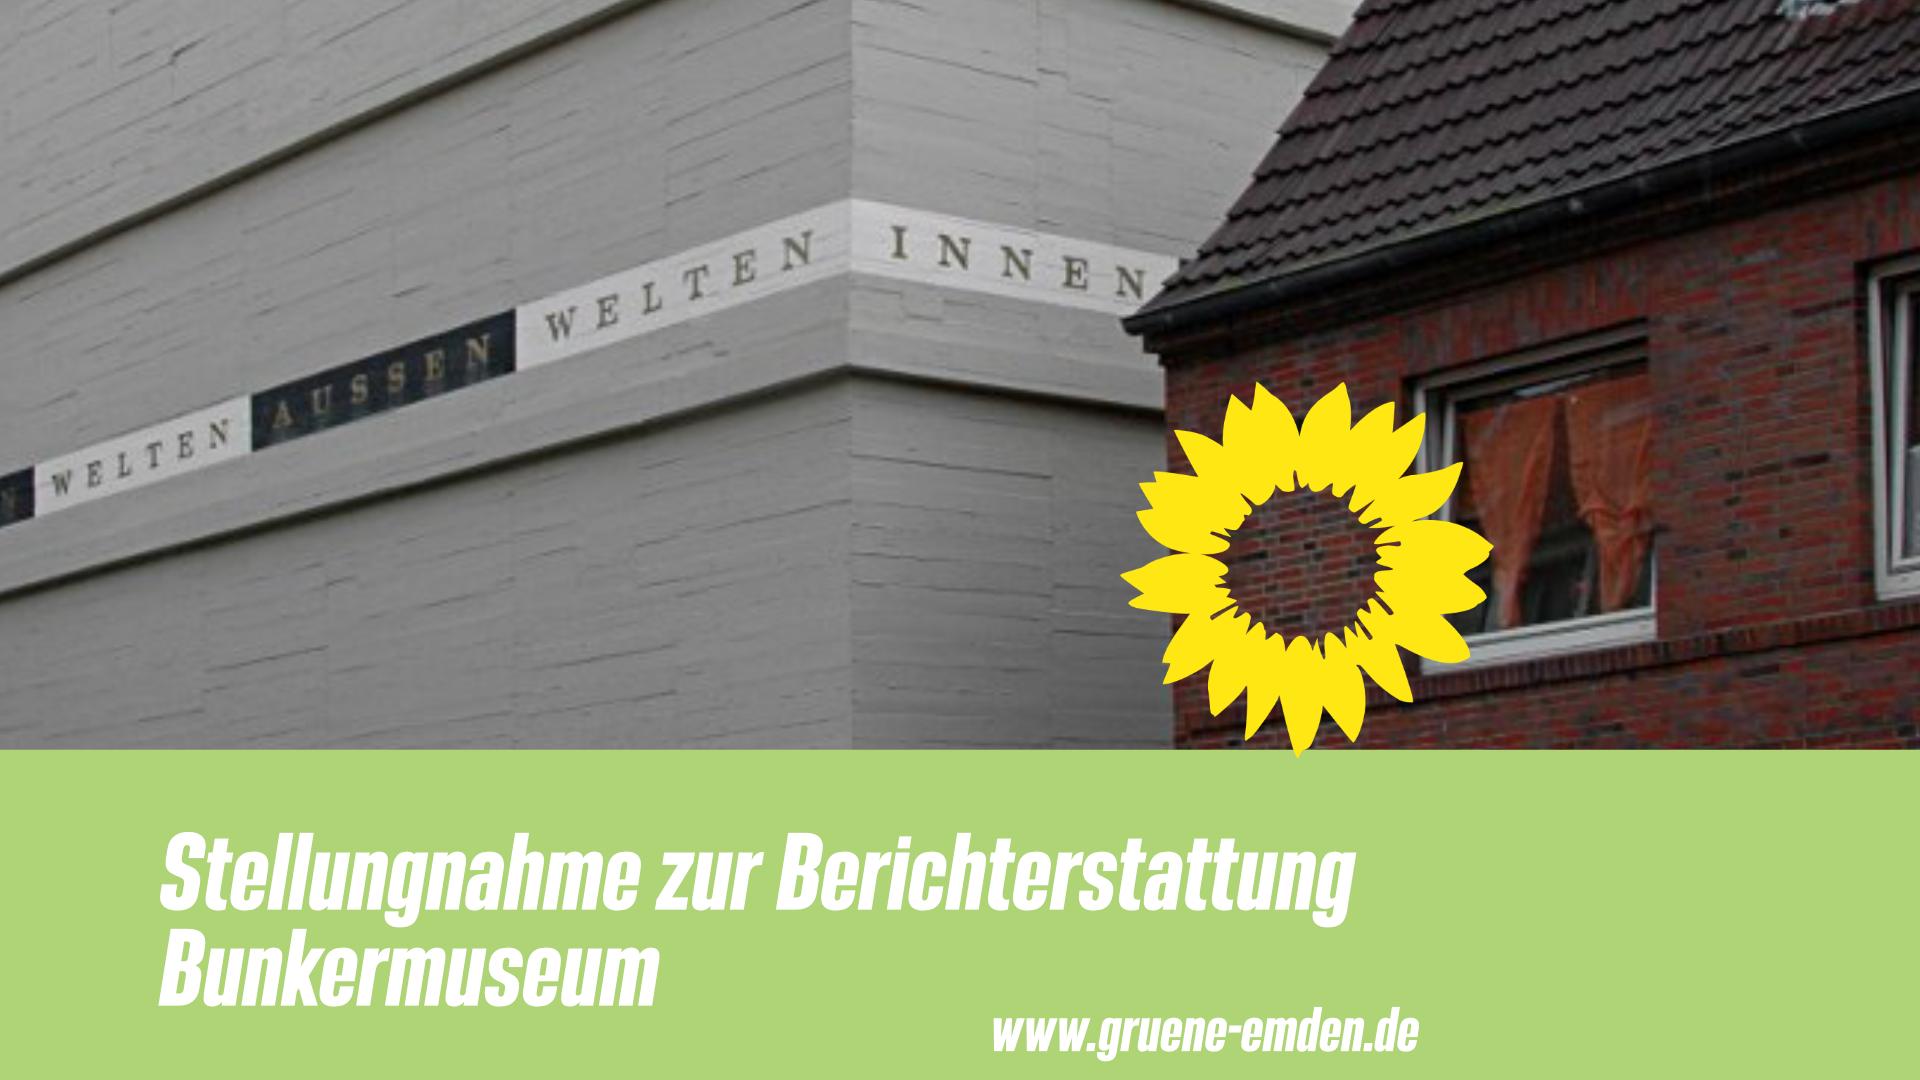 Stellungnahme zur Berichterstattung Bunkermuseum